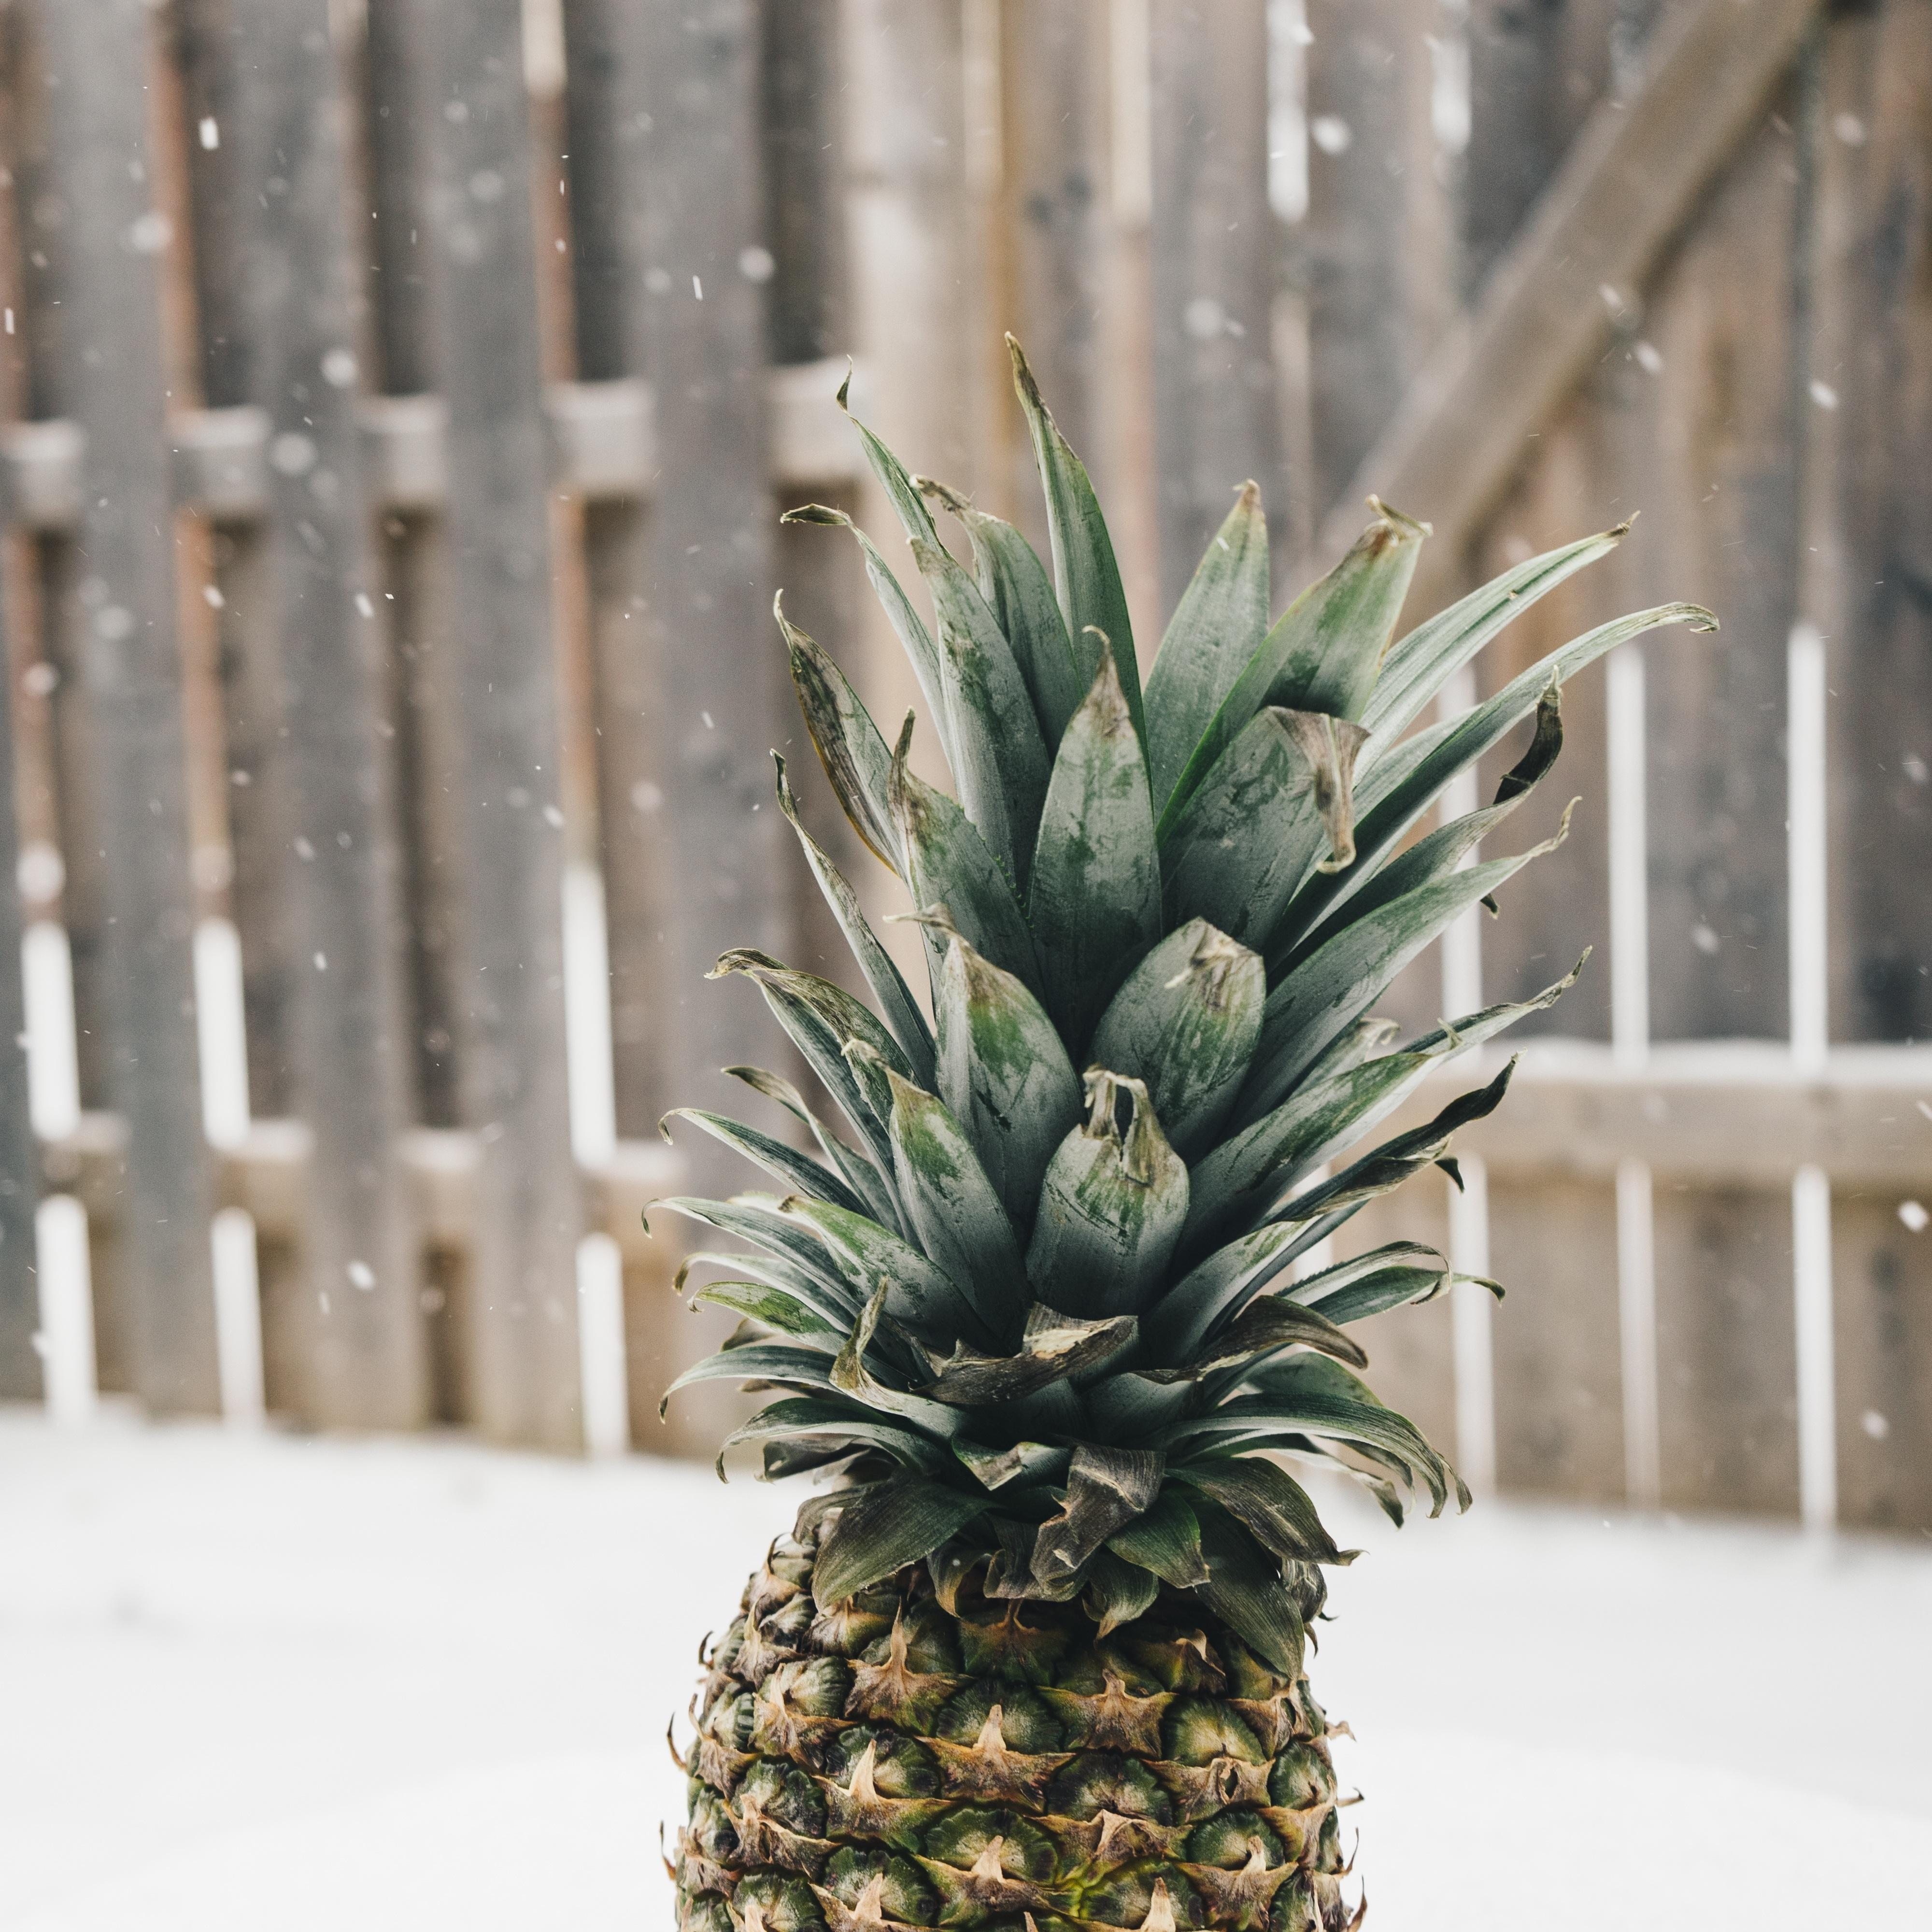 images gratuites arbre du froid hiver fruit aliments produire tropical botanique en. Black Bedroom Furniture Sets. Home Design Ideas